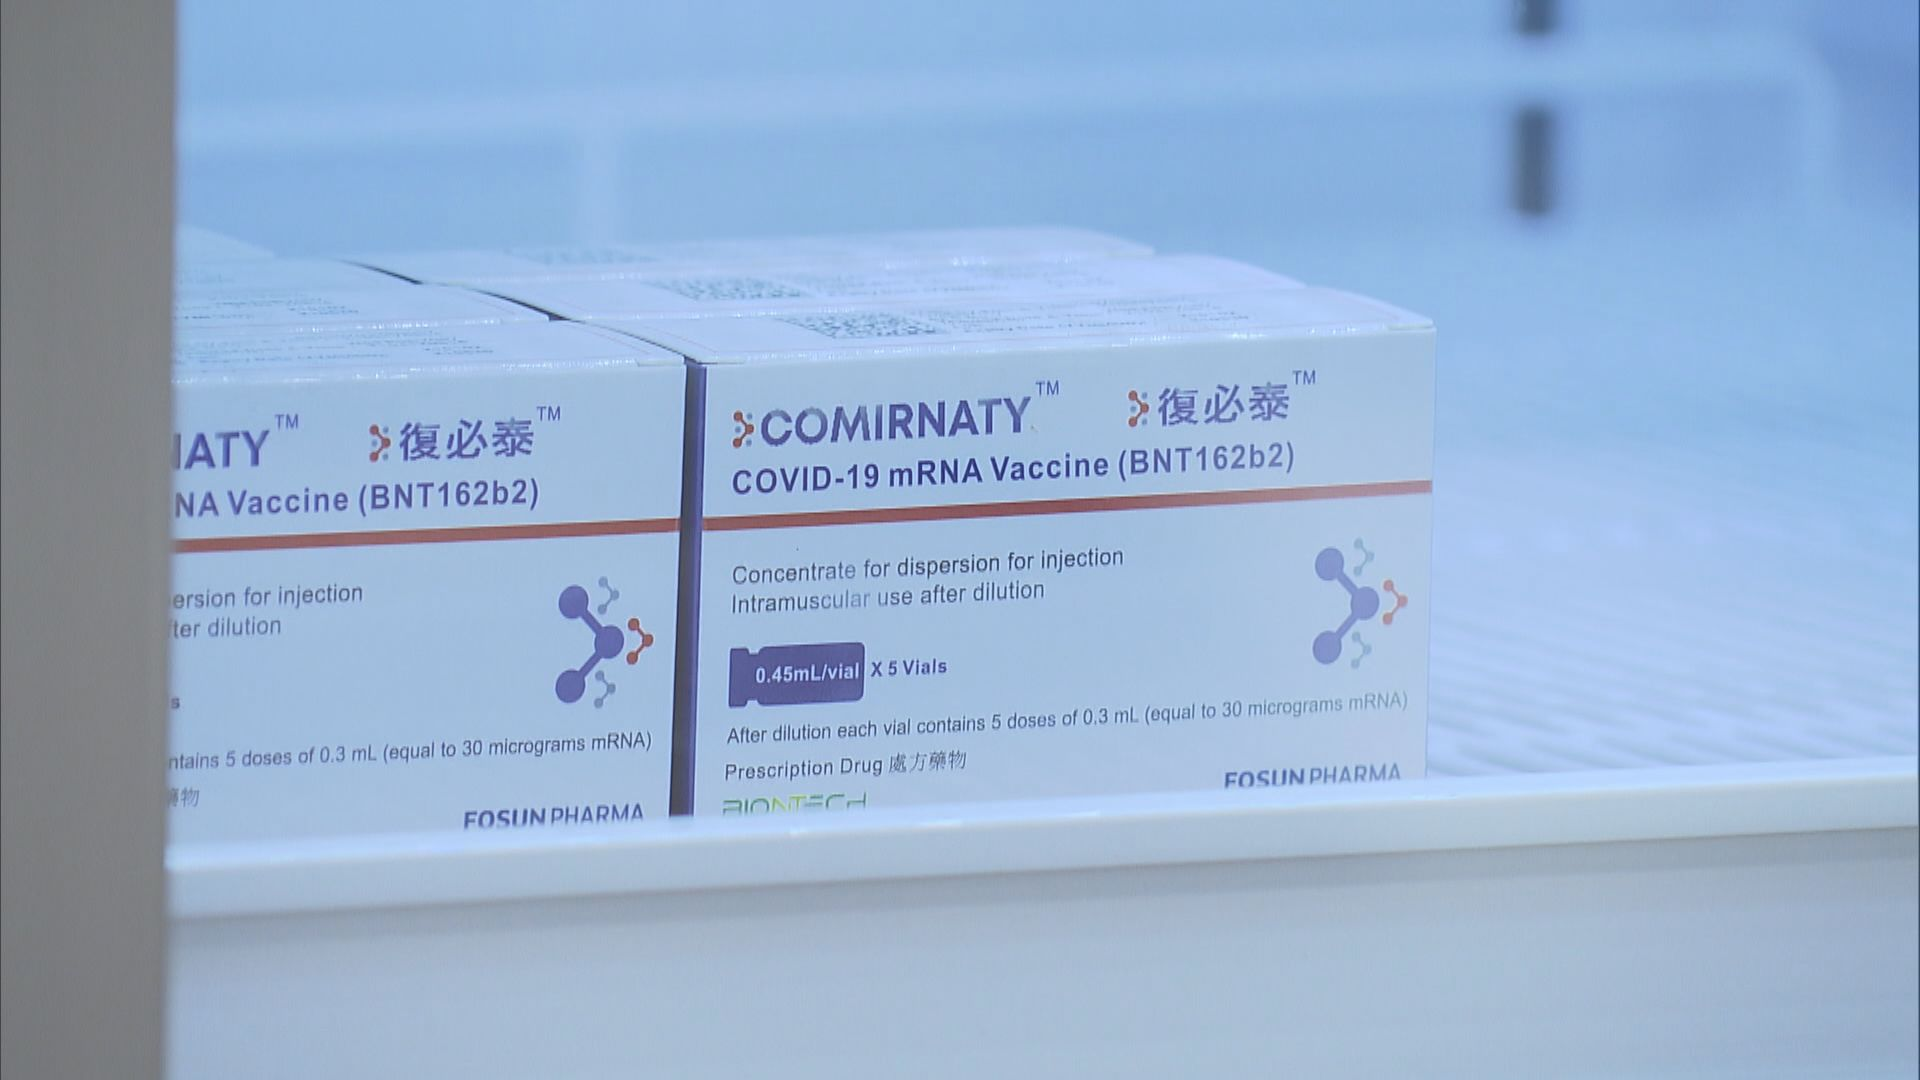 病人組織建議政府讓診所供應復必泰 提升整體接種率